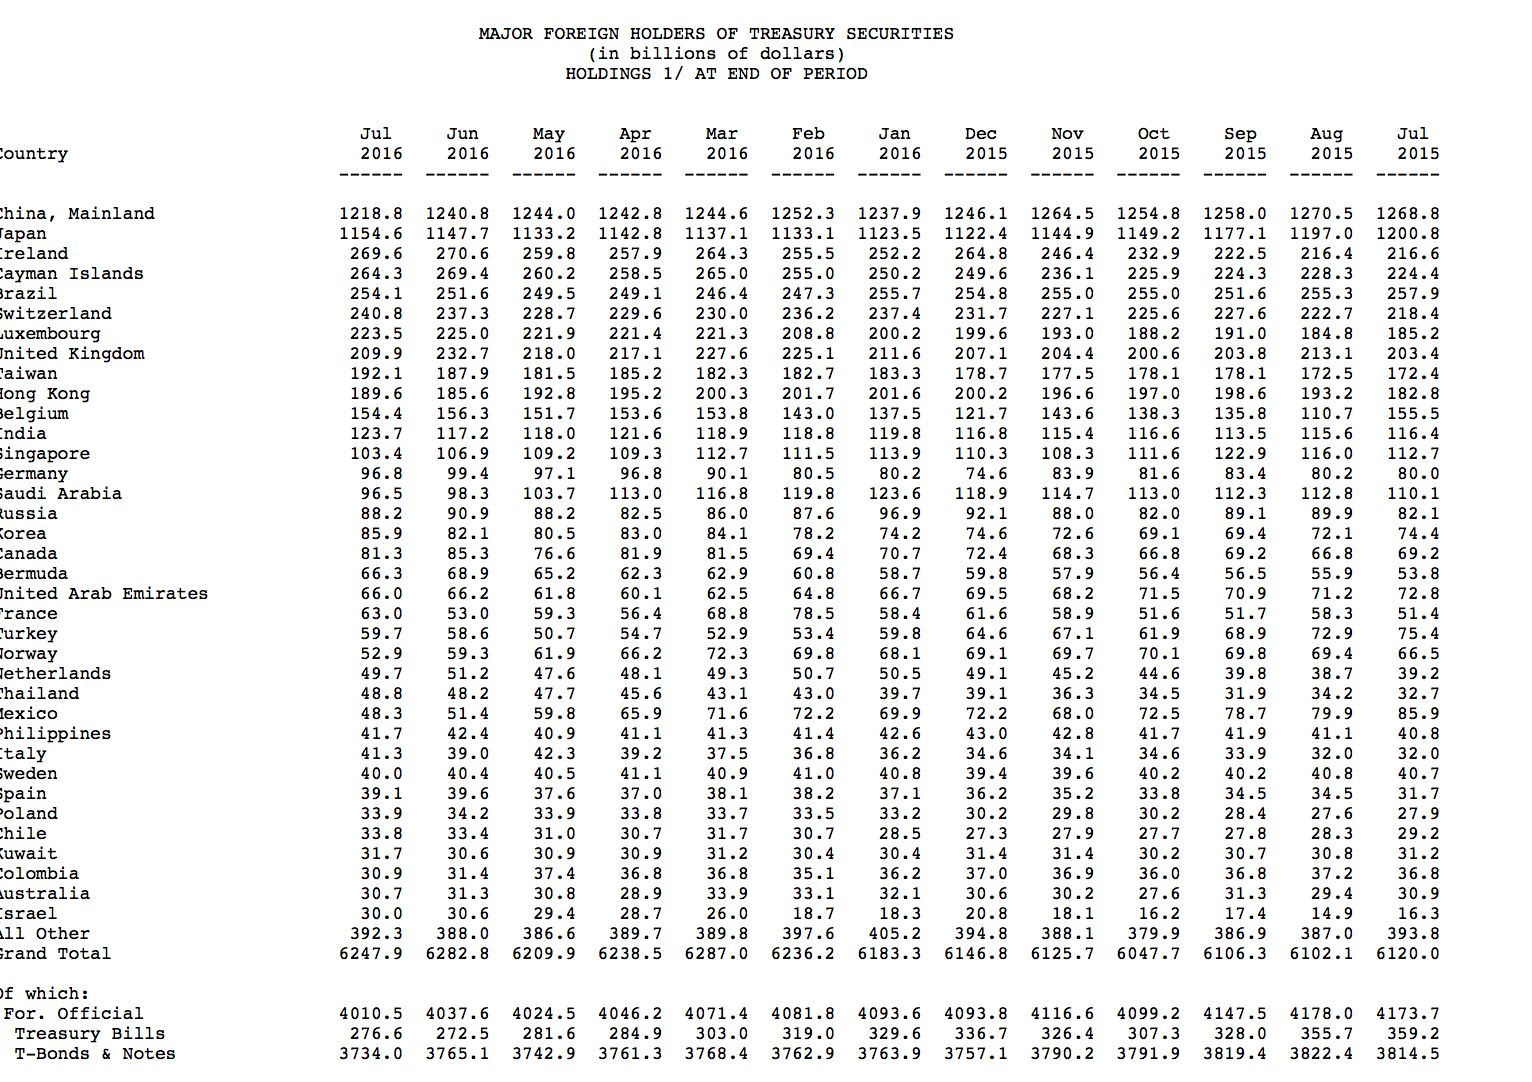 全球央行抛售美债规模刷爆纪录 中国7月减持美债至2012以来新低